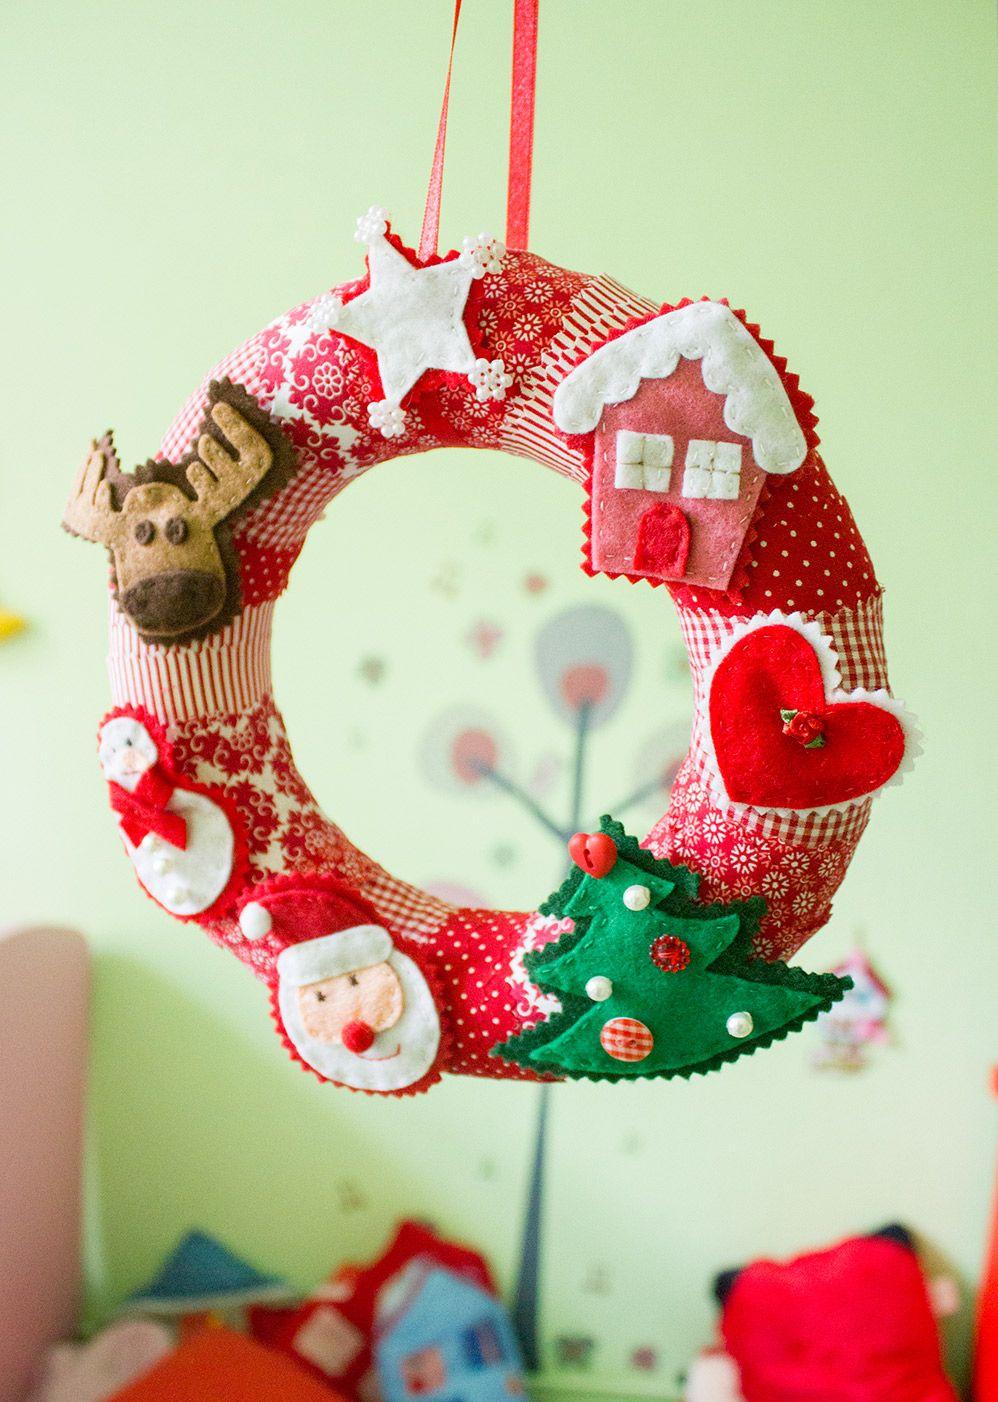 adventskranz mit filzfiguren jahreszeitliche deko etc weihnachten n hen weihnachten und advent. Black Bedroom Furniture Sets. Home Design Ideas